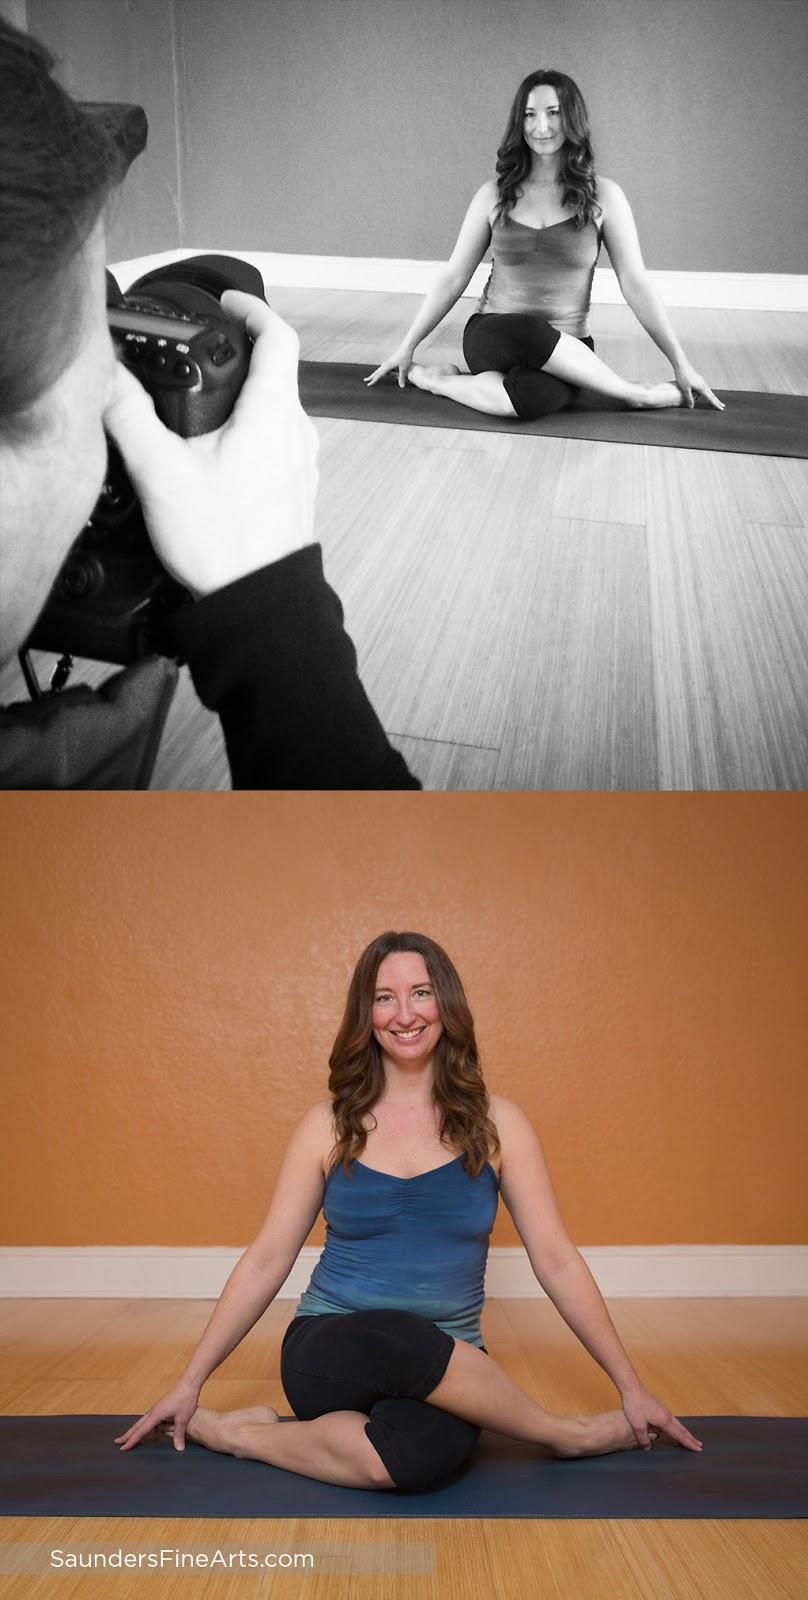 Saunders Fine Arts Saunders Fine Arts Photography Maya Yoga Photo